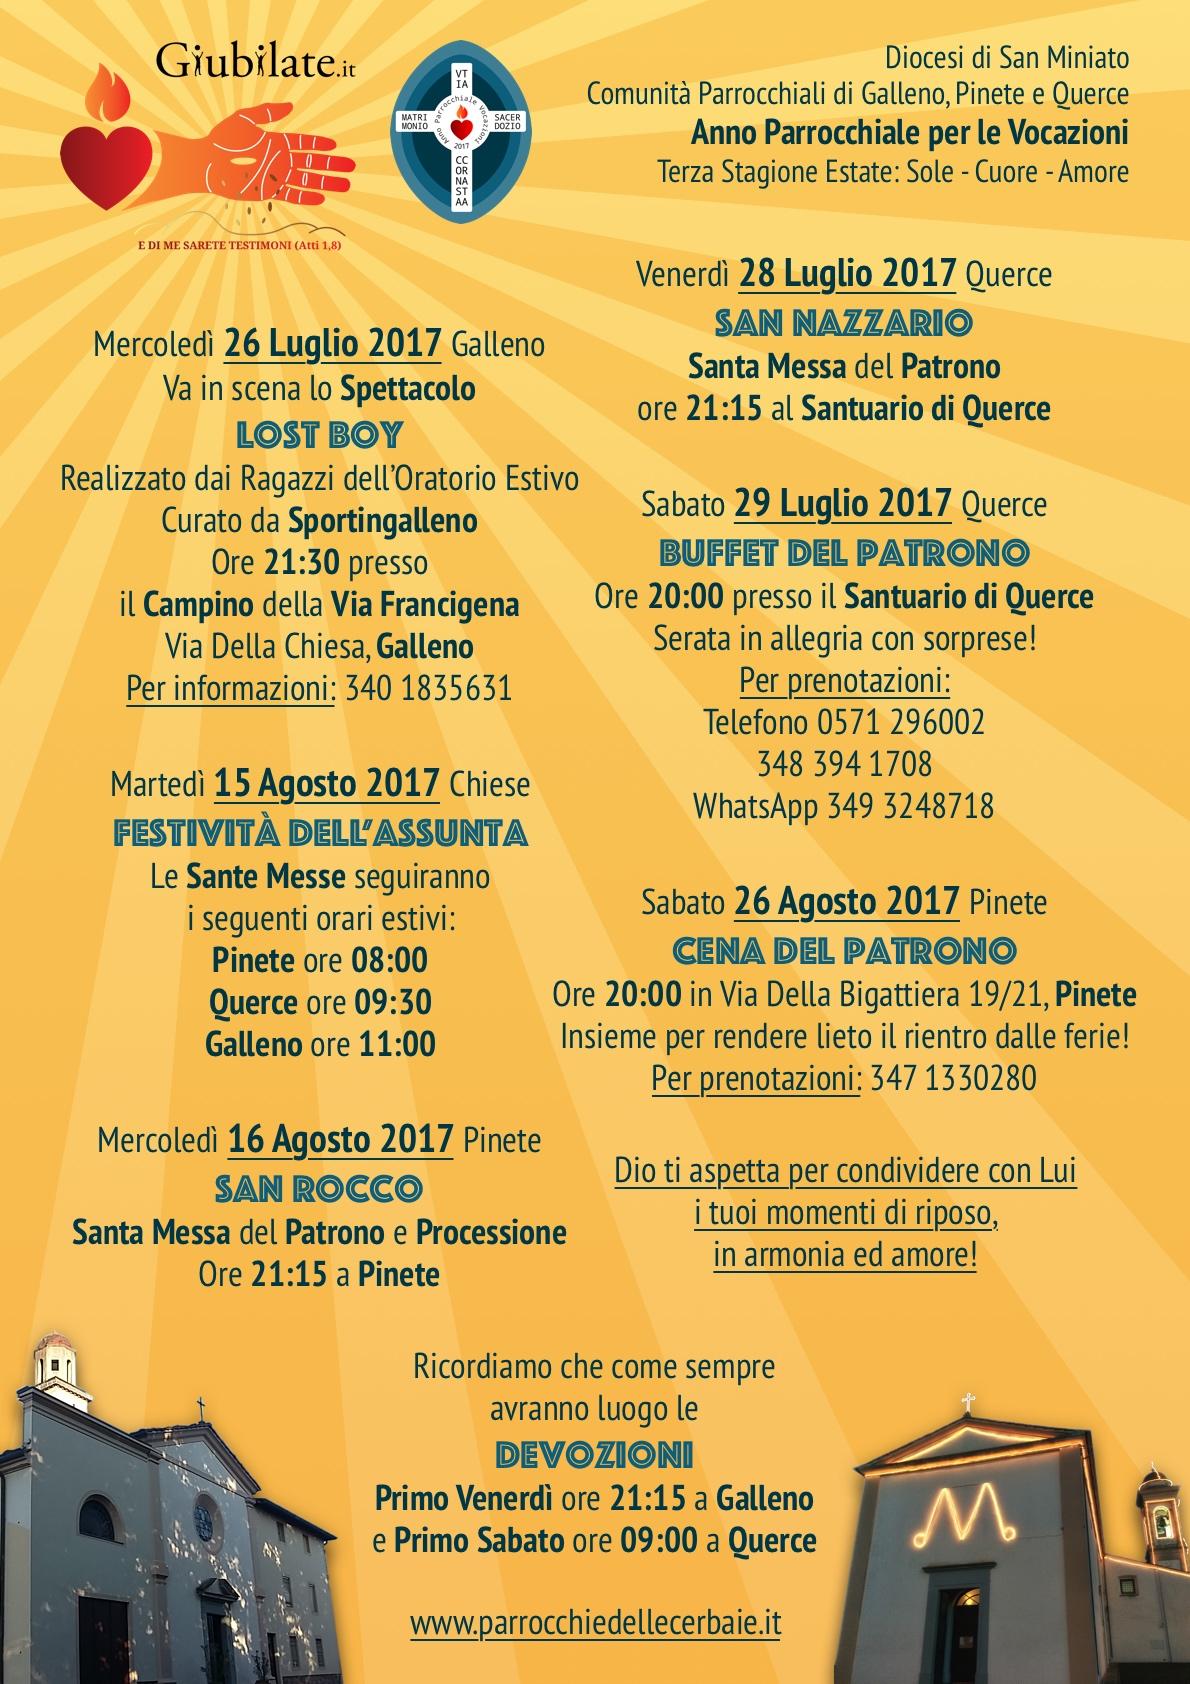 Anno Parrocchiale per le Vocazioni programma terza stagione 26-7-2017